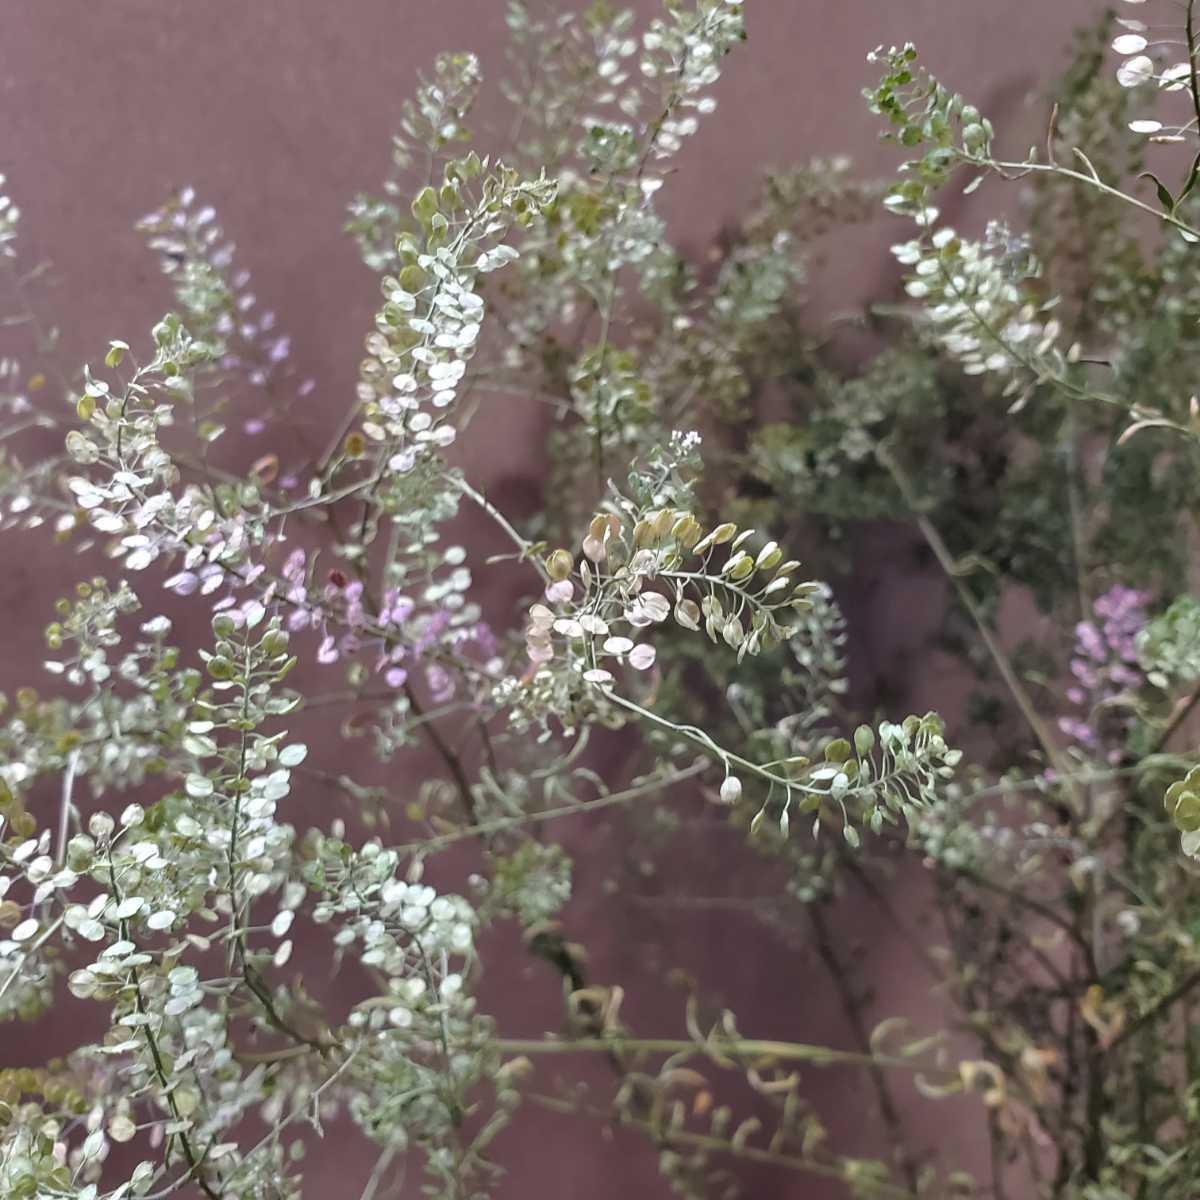 マメグンバイナズナ 種 100粒以上 アブラナ科 ドライフラワー スワッグ リース アレンジ 山野草 _画像1